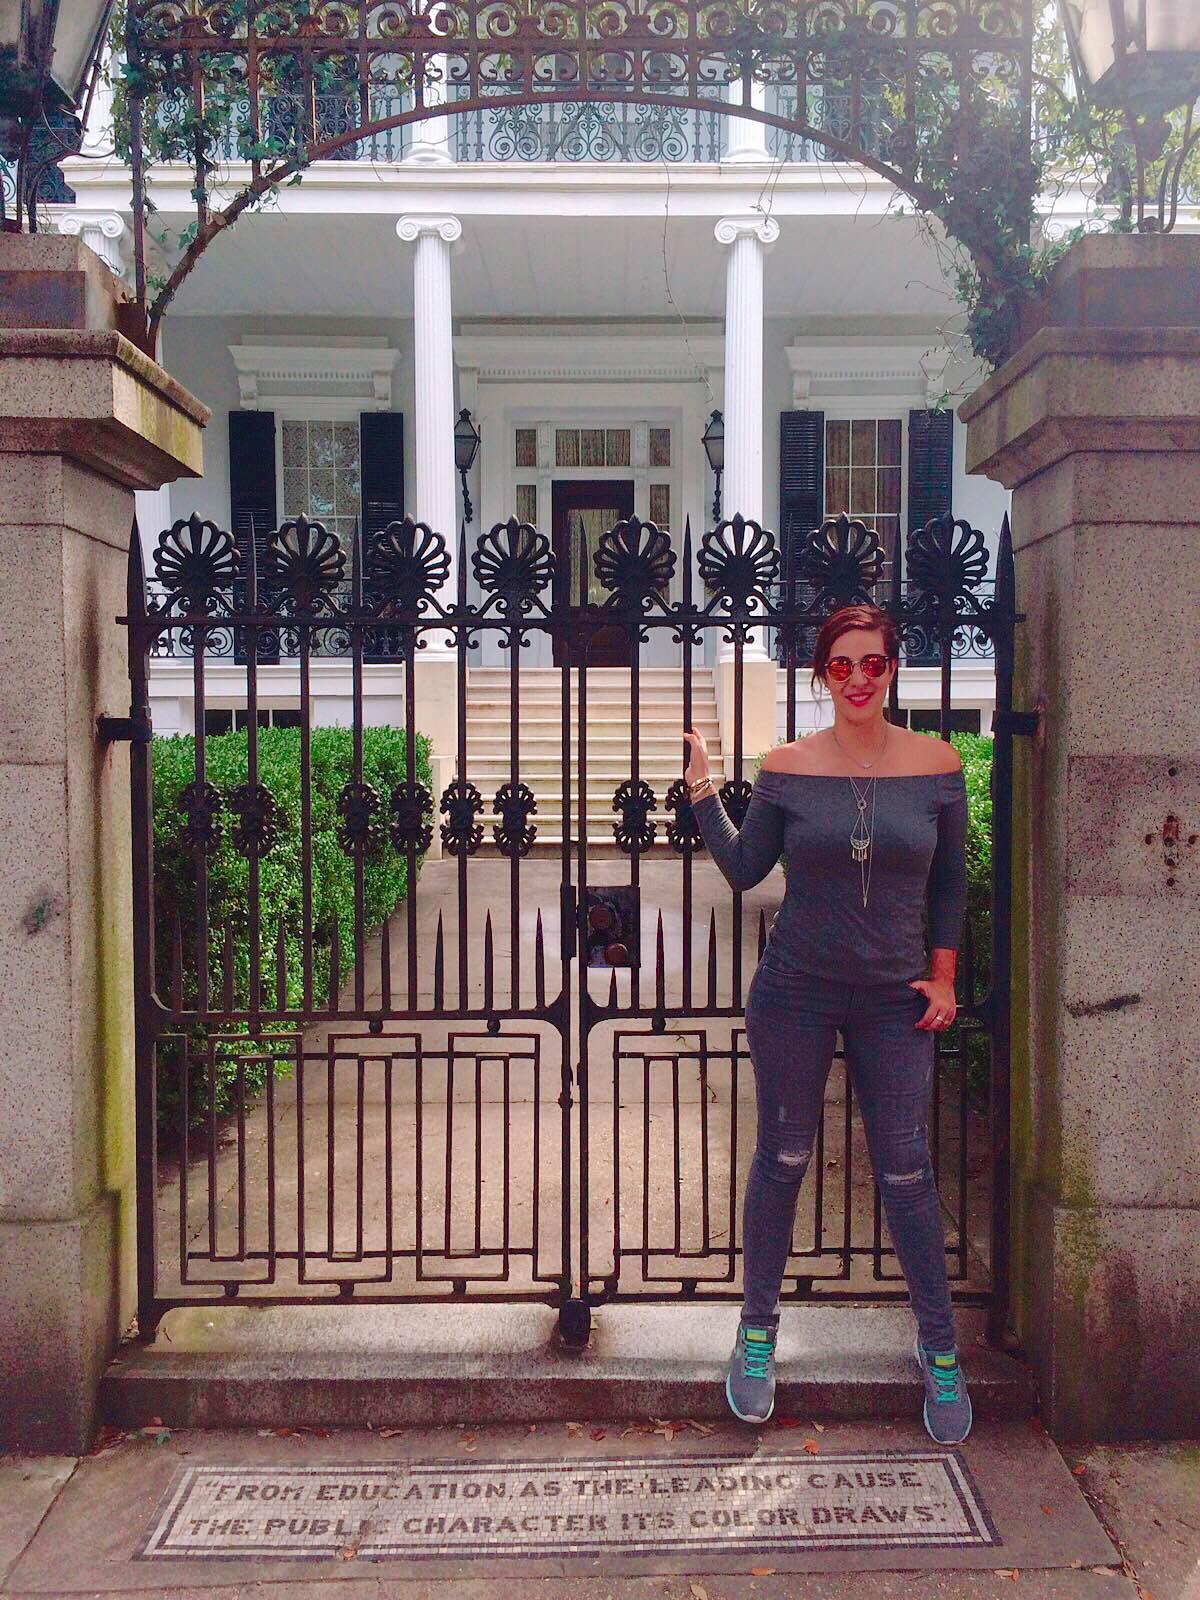 MISS ROBICHEAUX'S Academy | BUCKNER MANSION